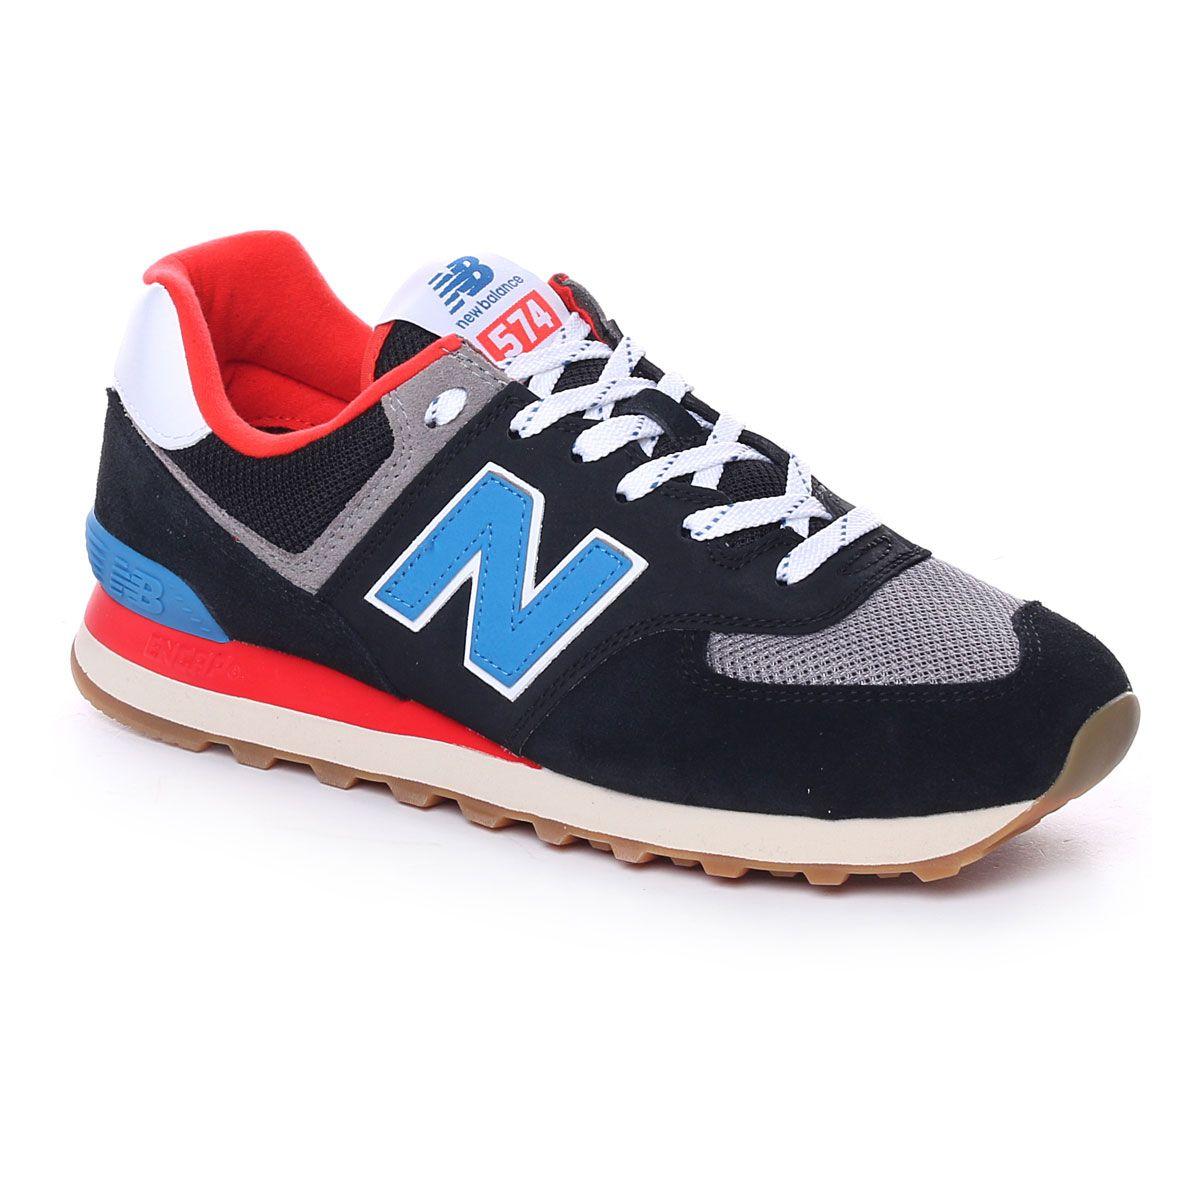 New Balance 574 Uomo Trend Pack Nero Blu